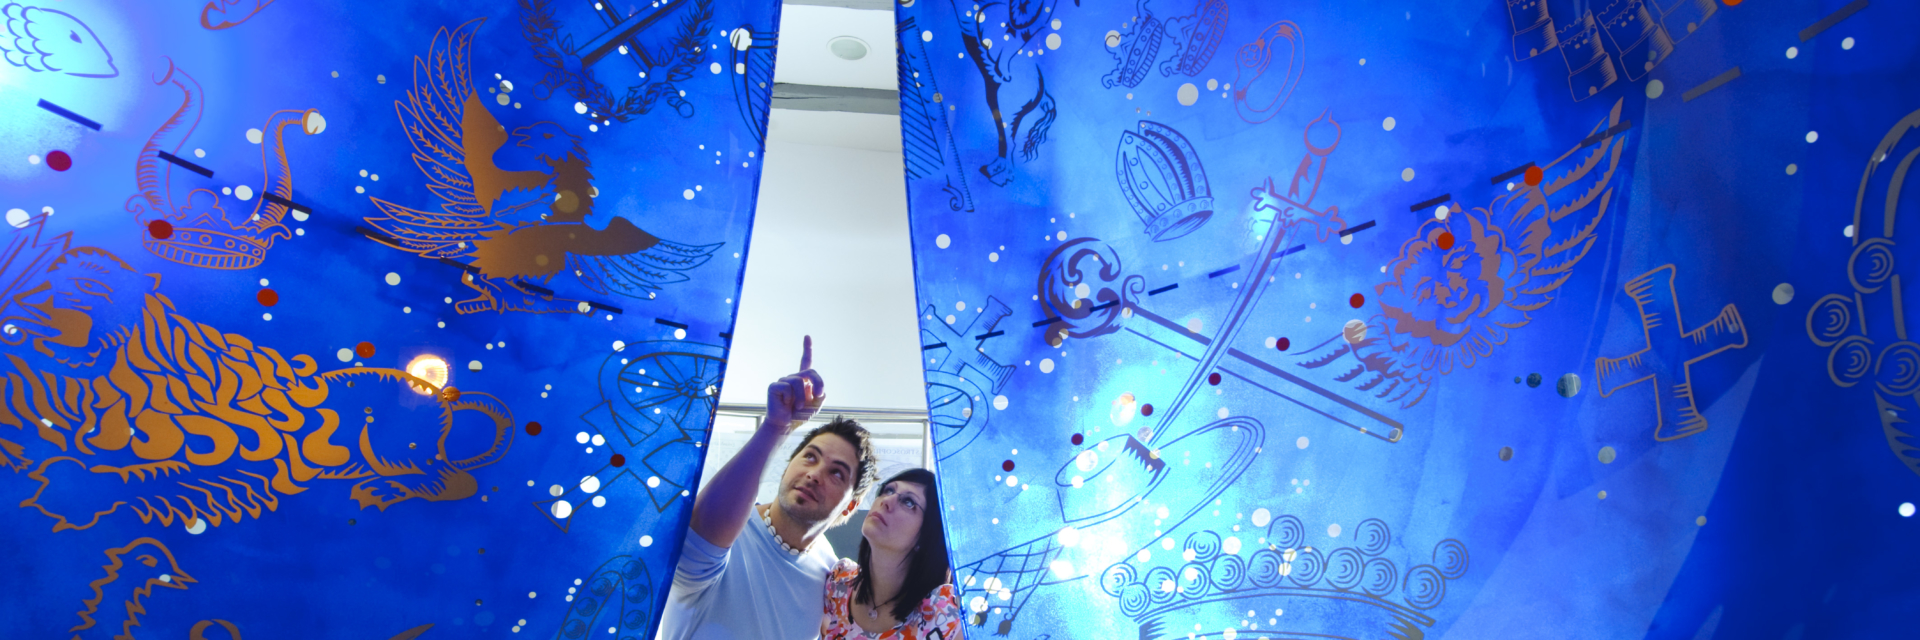 Besucher erkunden die Weigelsche Himmelskugel im Stadtmuseum - Aus der Vielfalt unserer Erlebnisangebote und Rahmenprogramme © JenaKultur, Foto: Andreas Hub